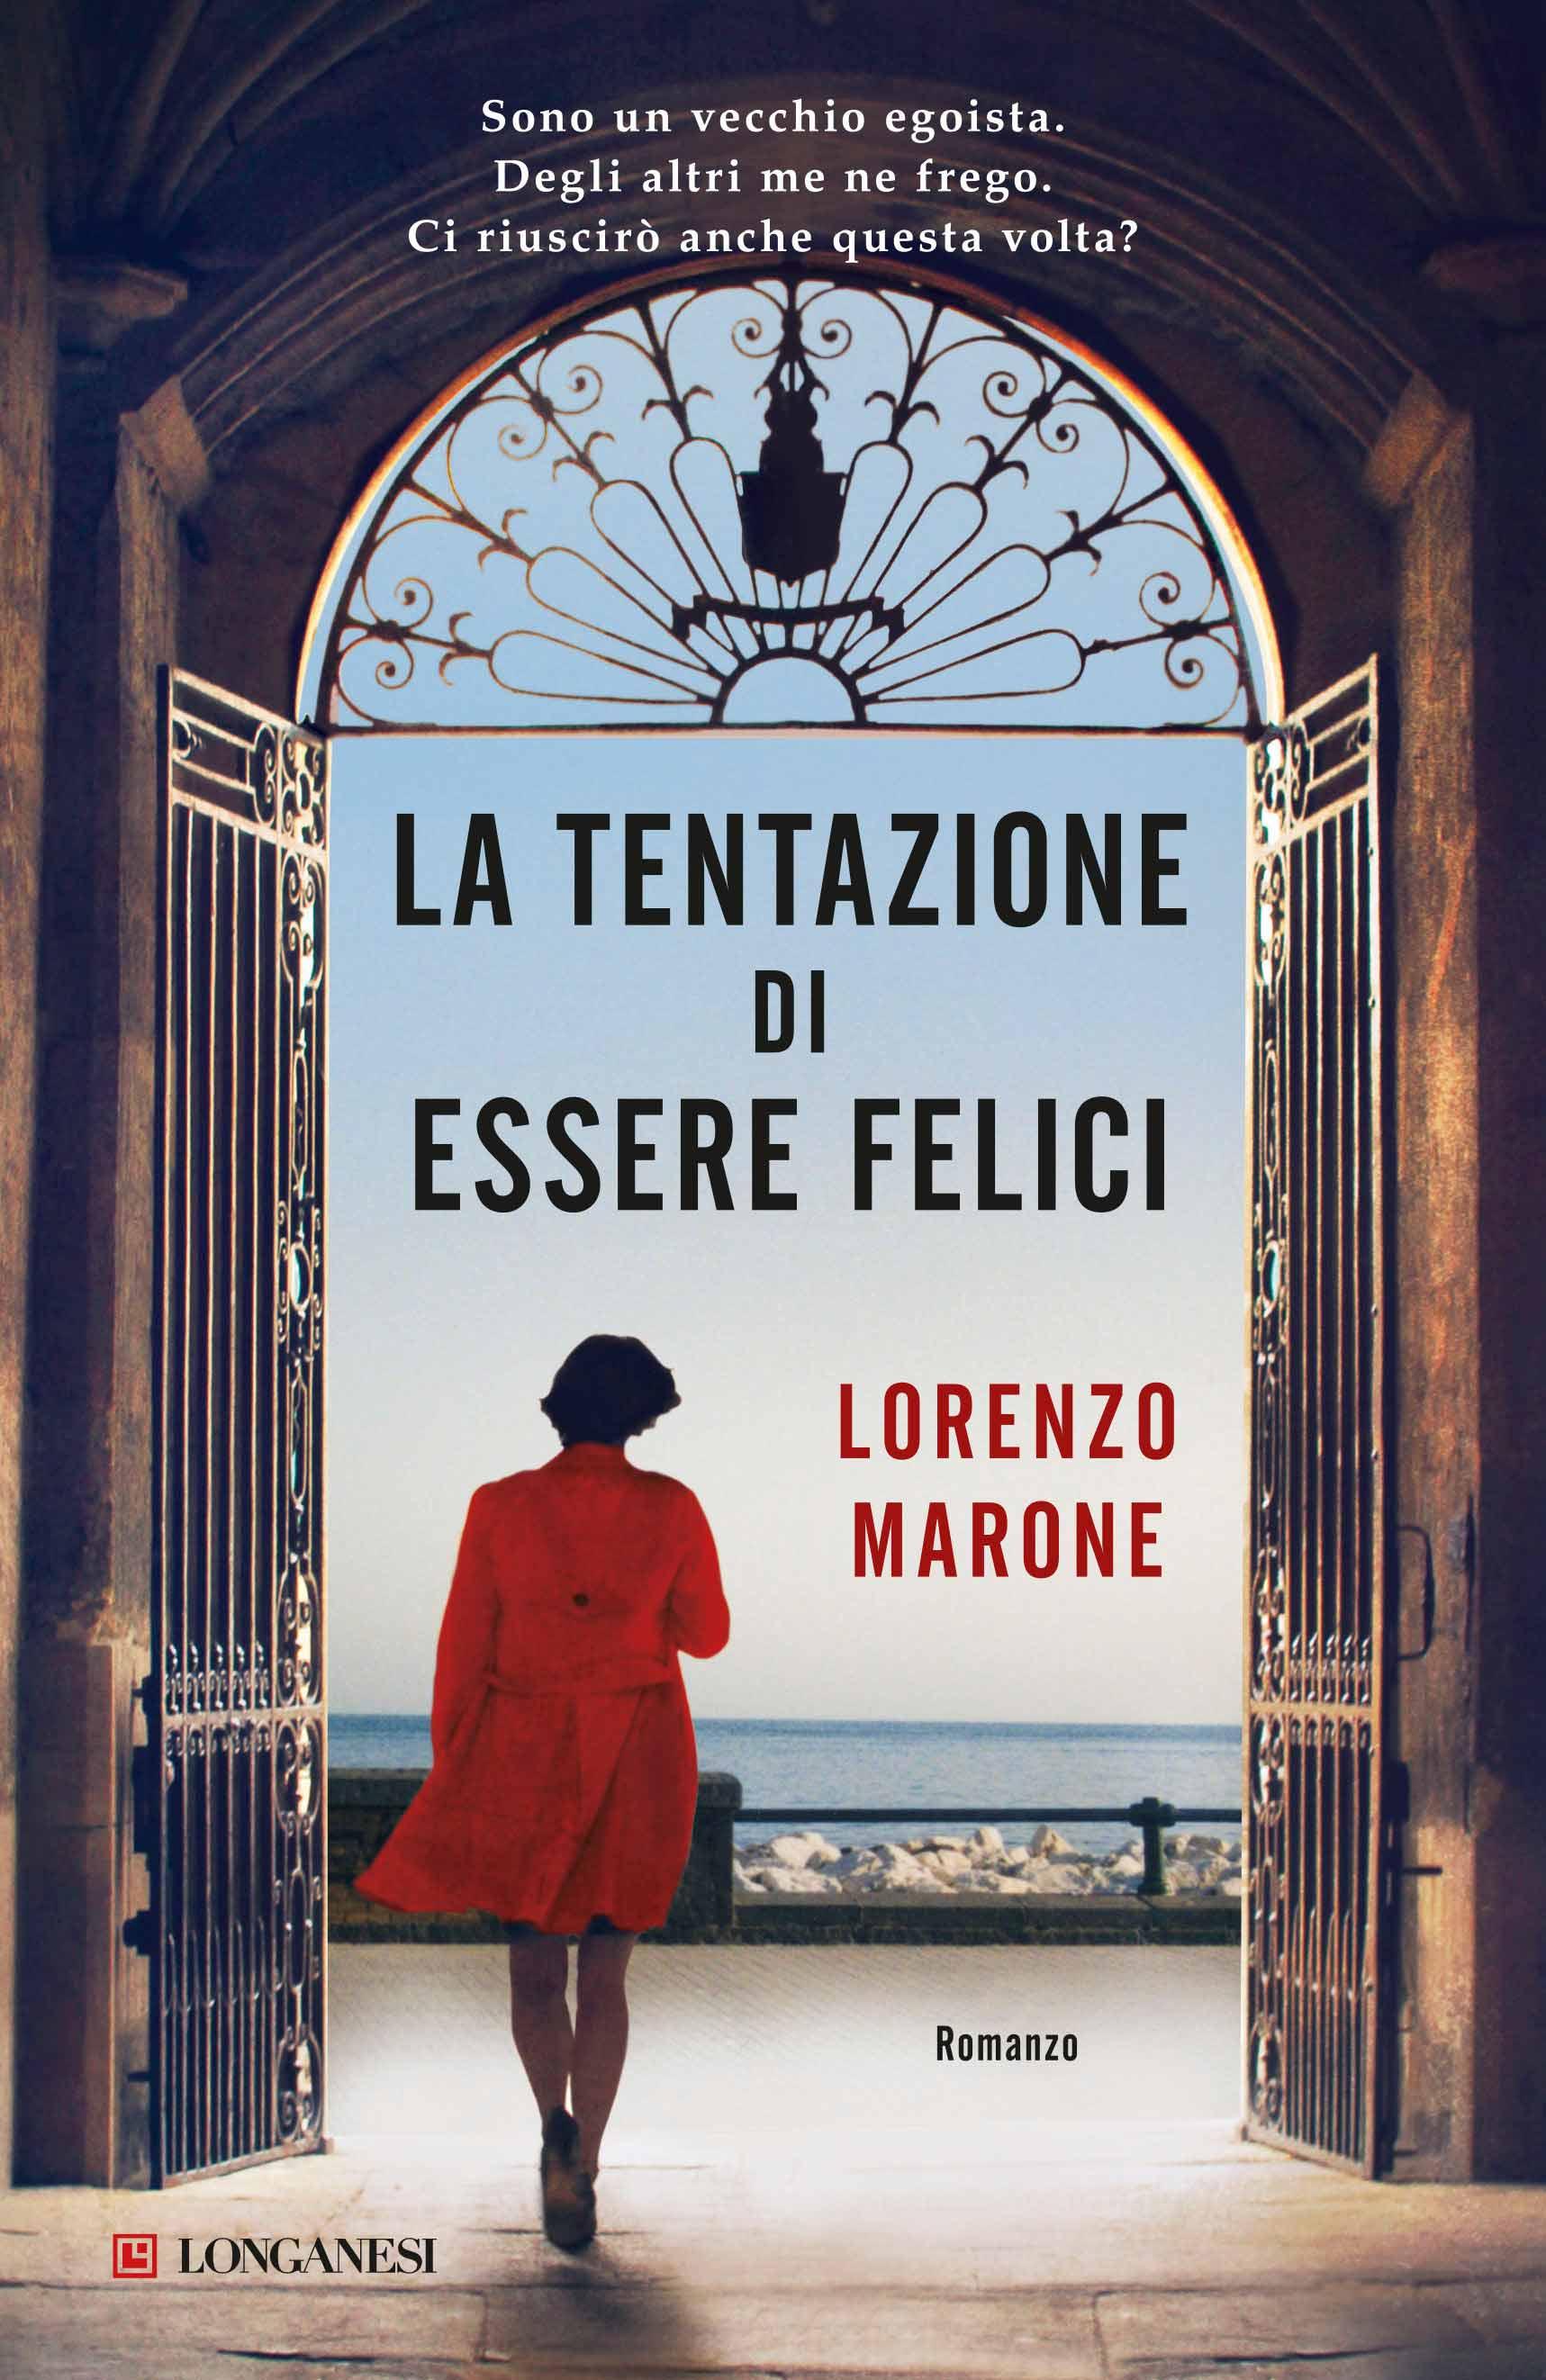 Cover of the book LA TENTAZIONE DI ESSERE FELICI